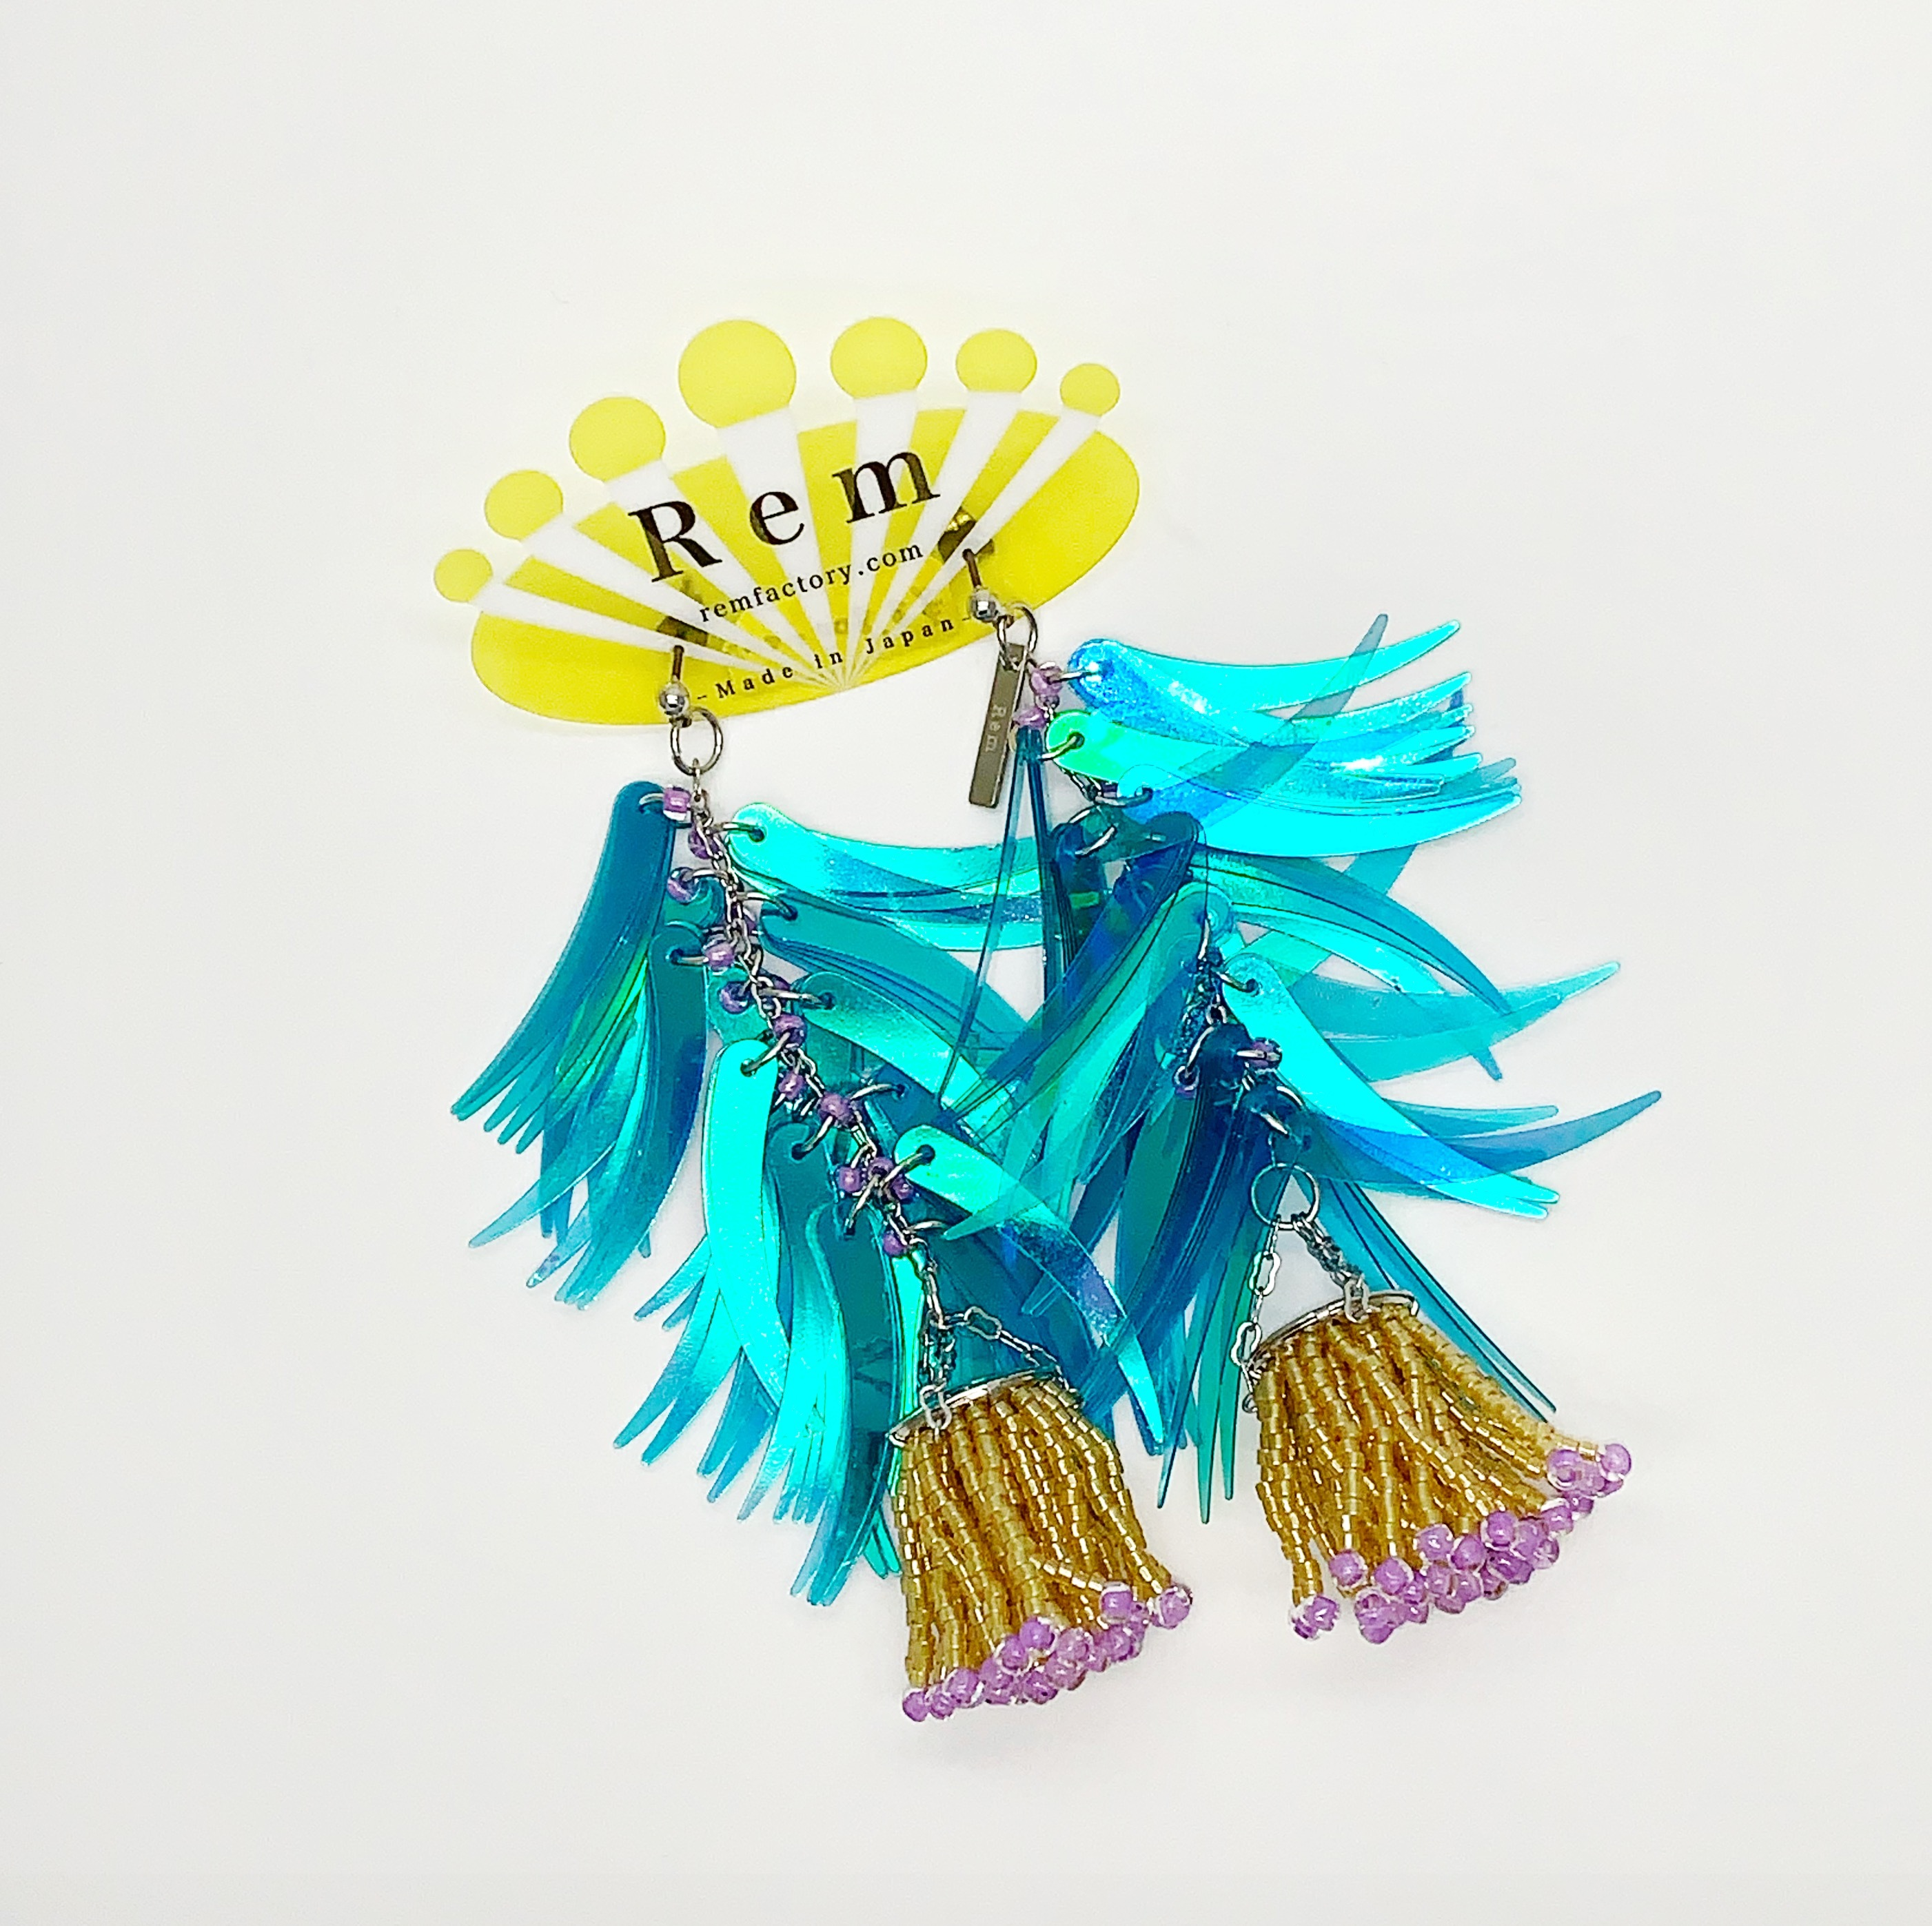 Rem つぼみ耳飾りブルー ピアス